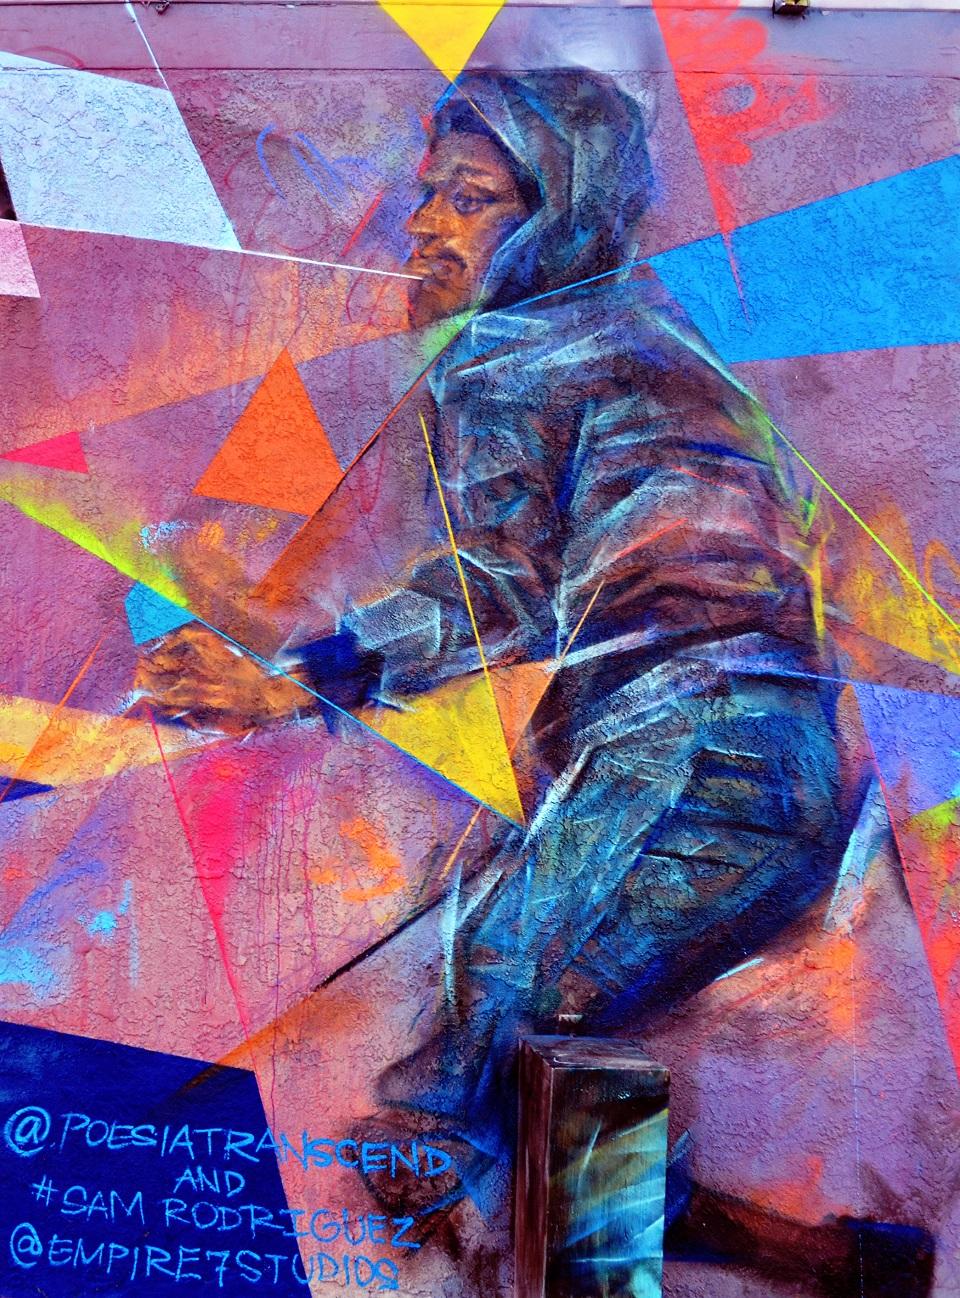 poesia-samuel-rodriguez-unrest-mural-09.jpg